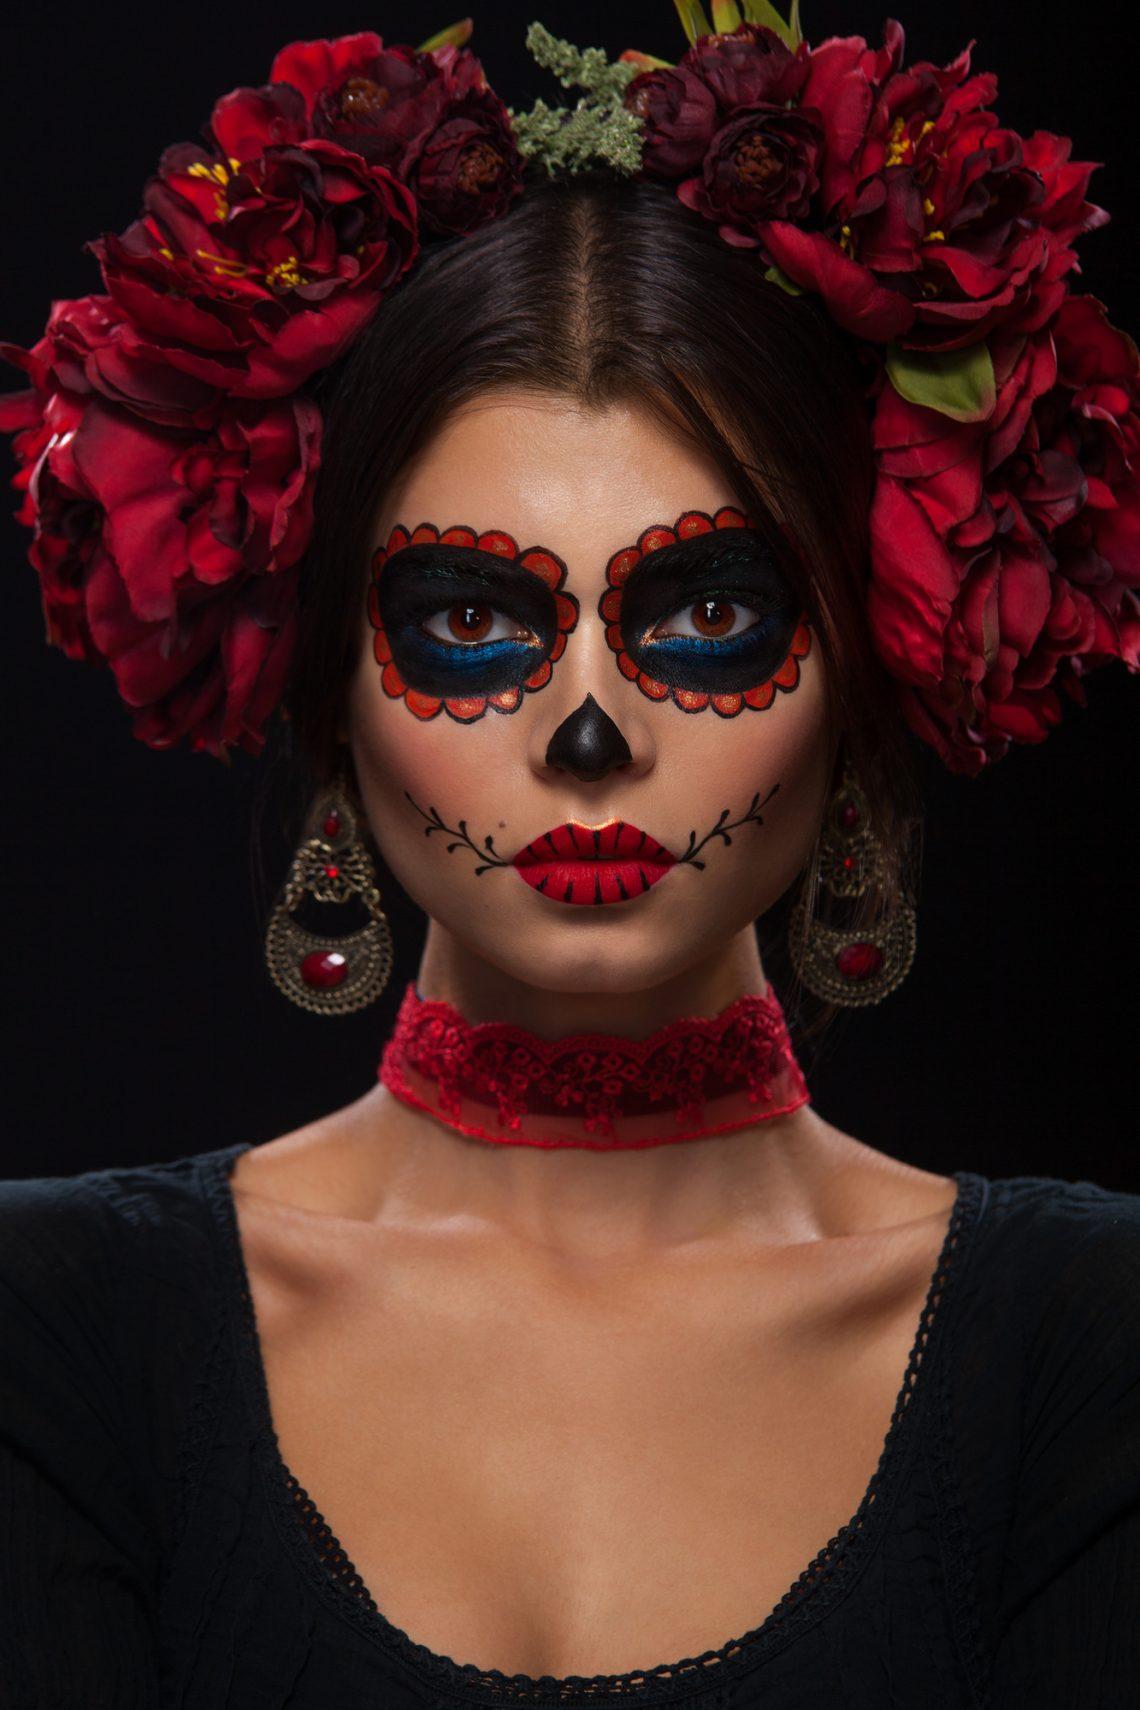 Фото дівчини з яскравим макіяжем на День мертвих